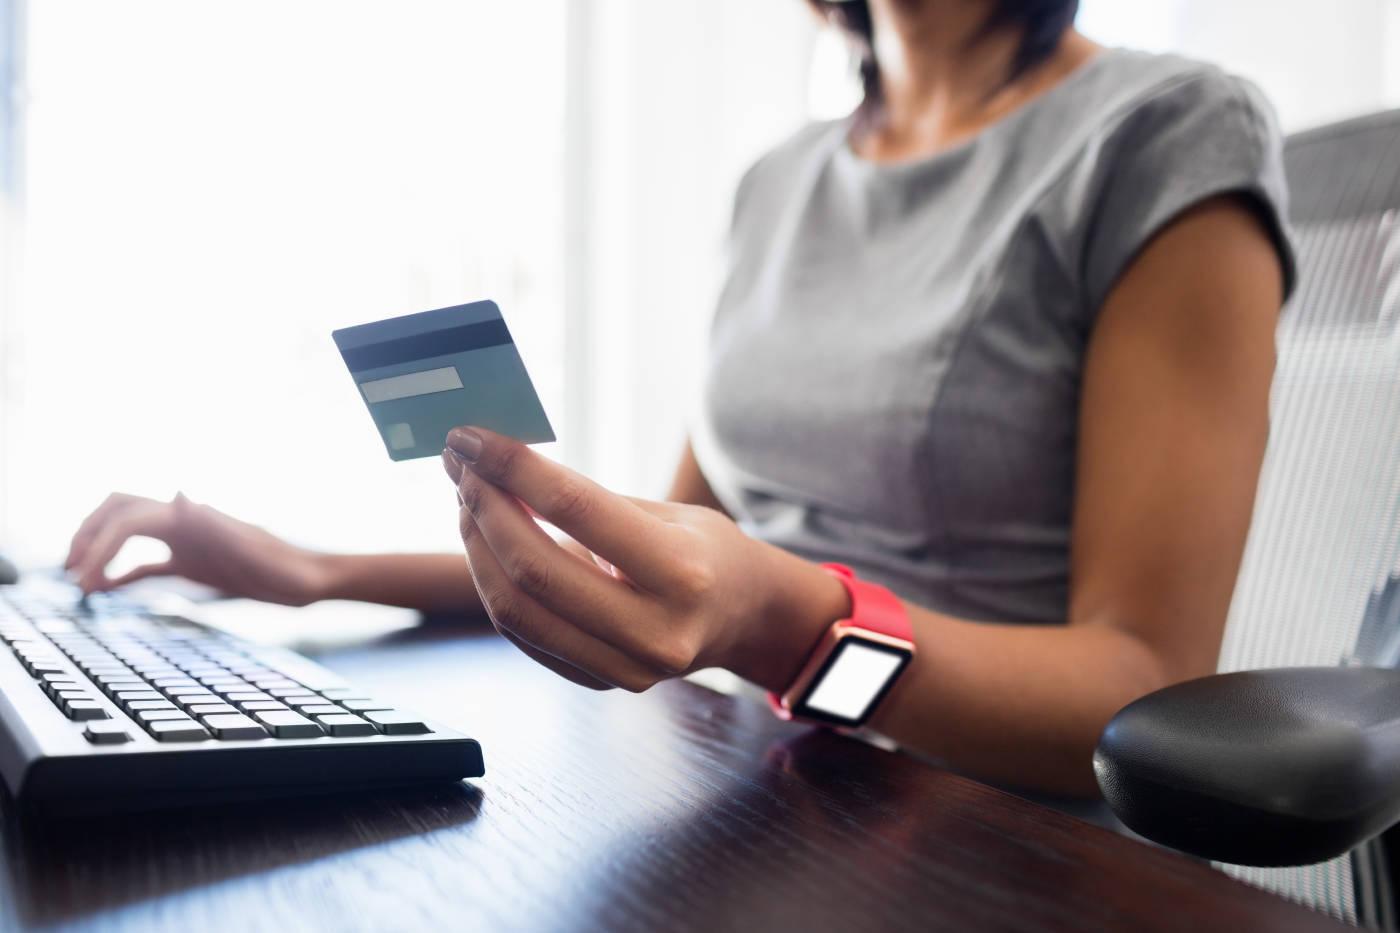 信用卡积分兑换全攻略,这样用才最值!干货